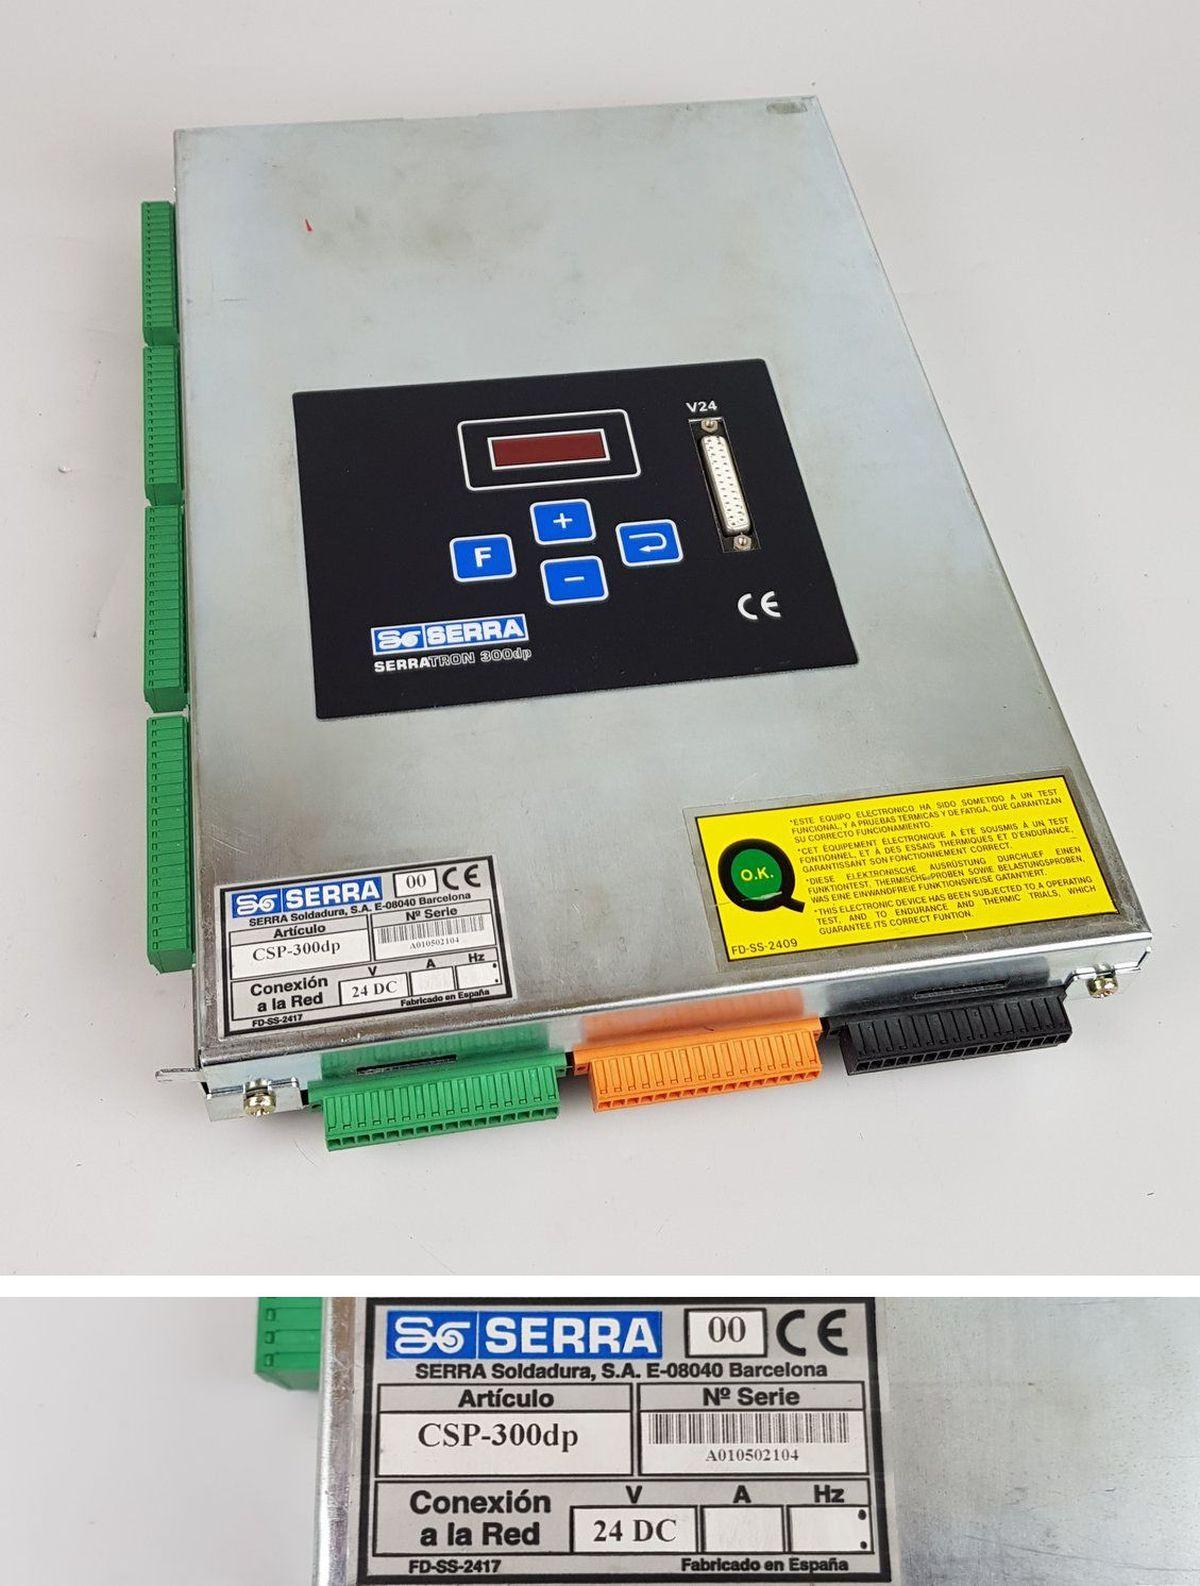 .pp8456 schweisssteuerung serra csp-300dp Profibus DP serratron 300dp